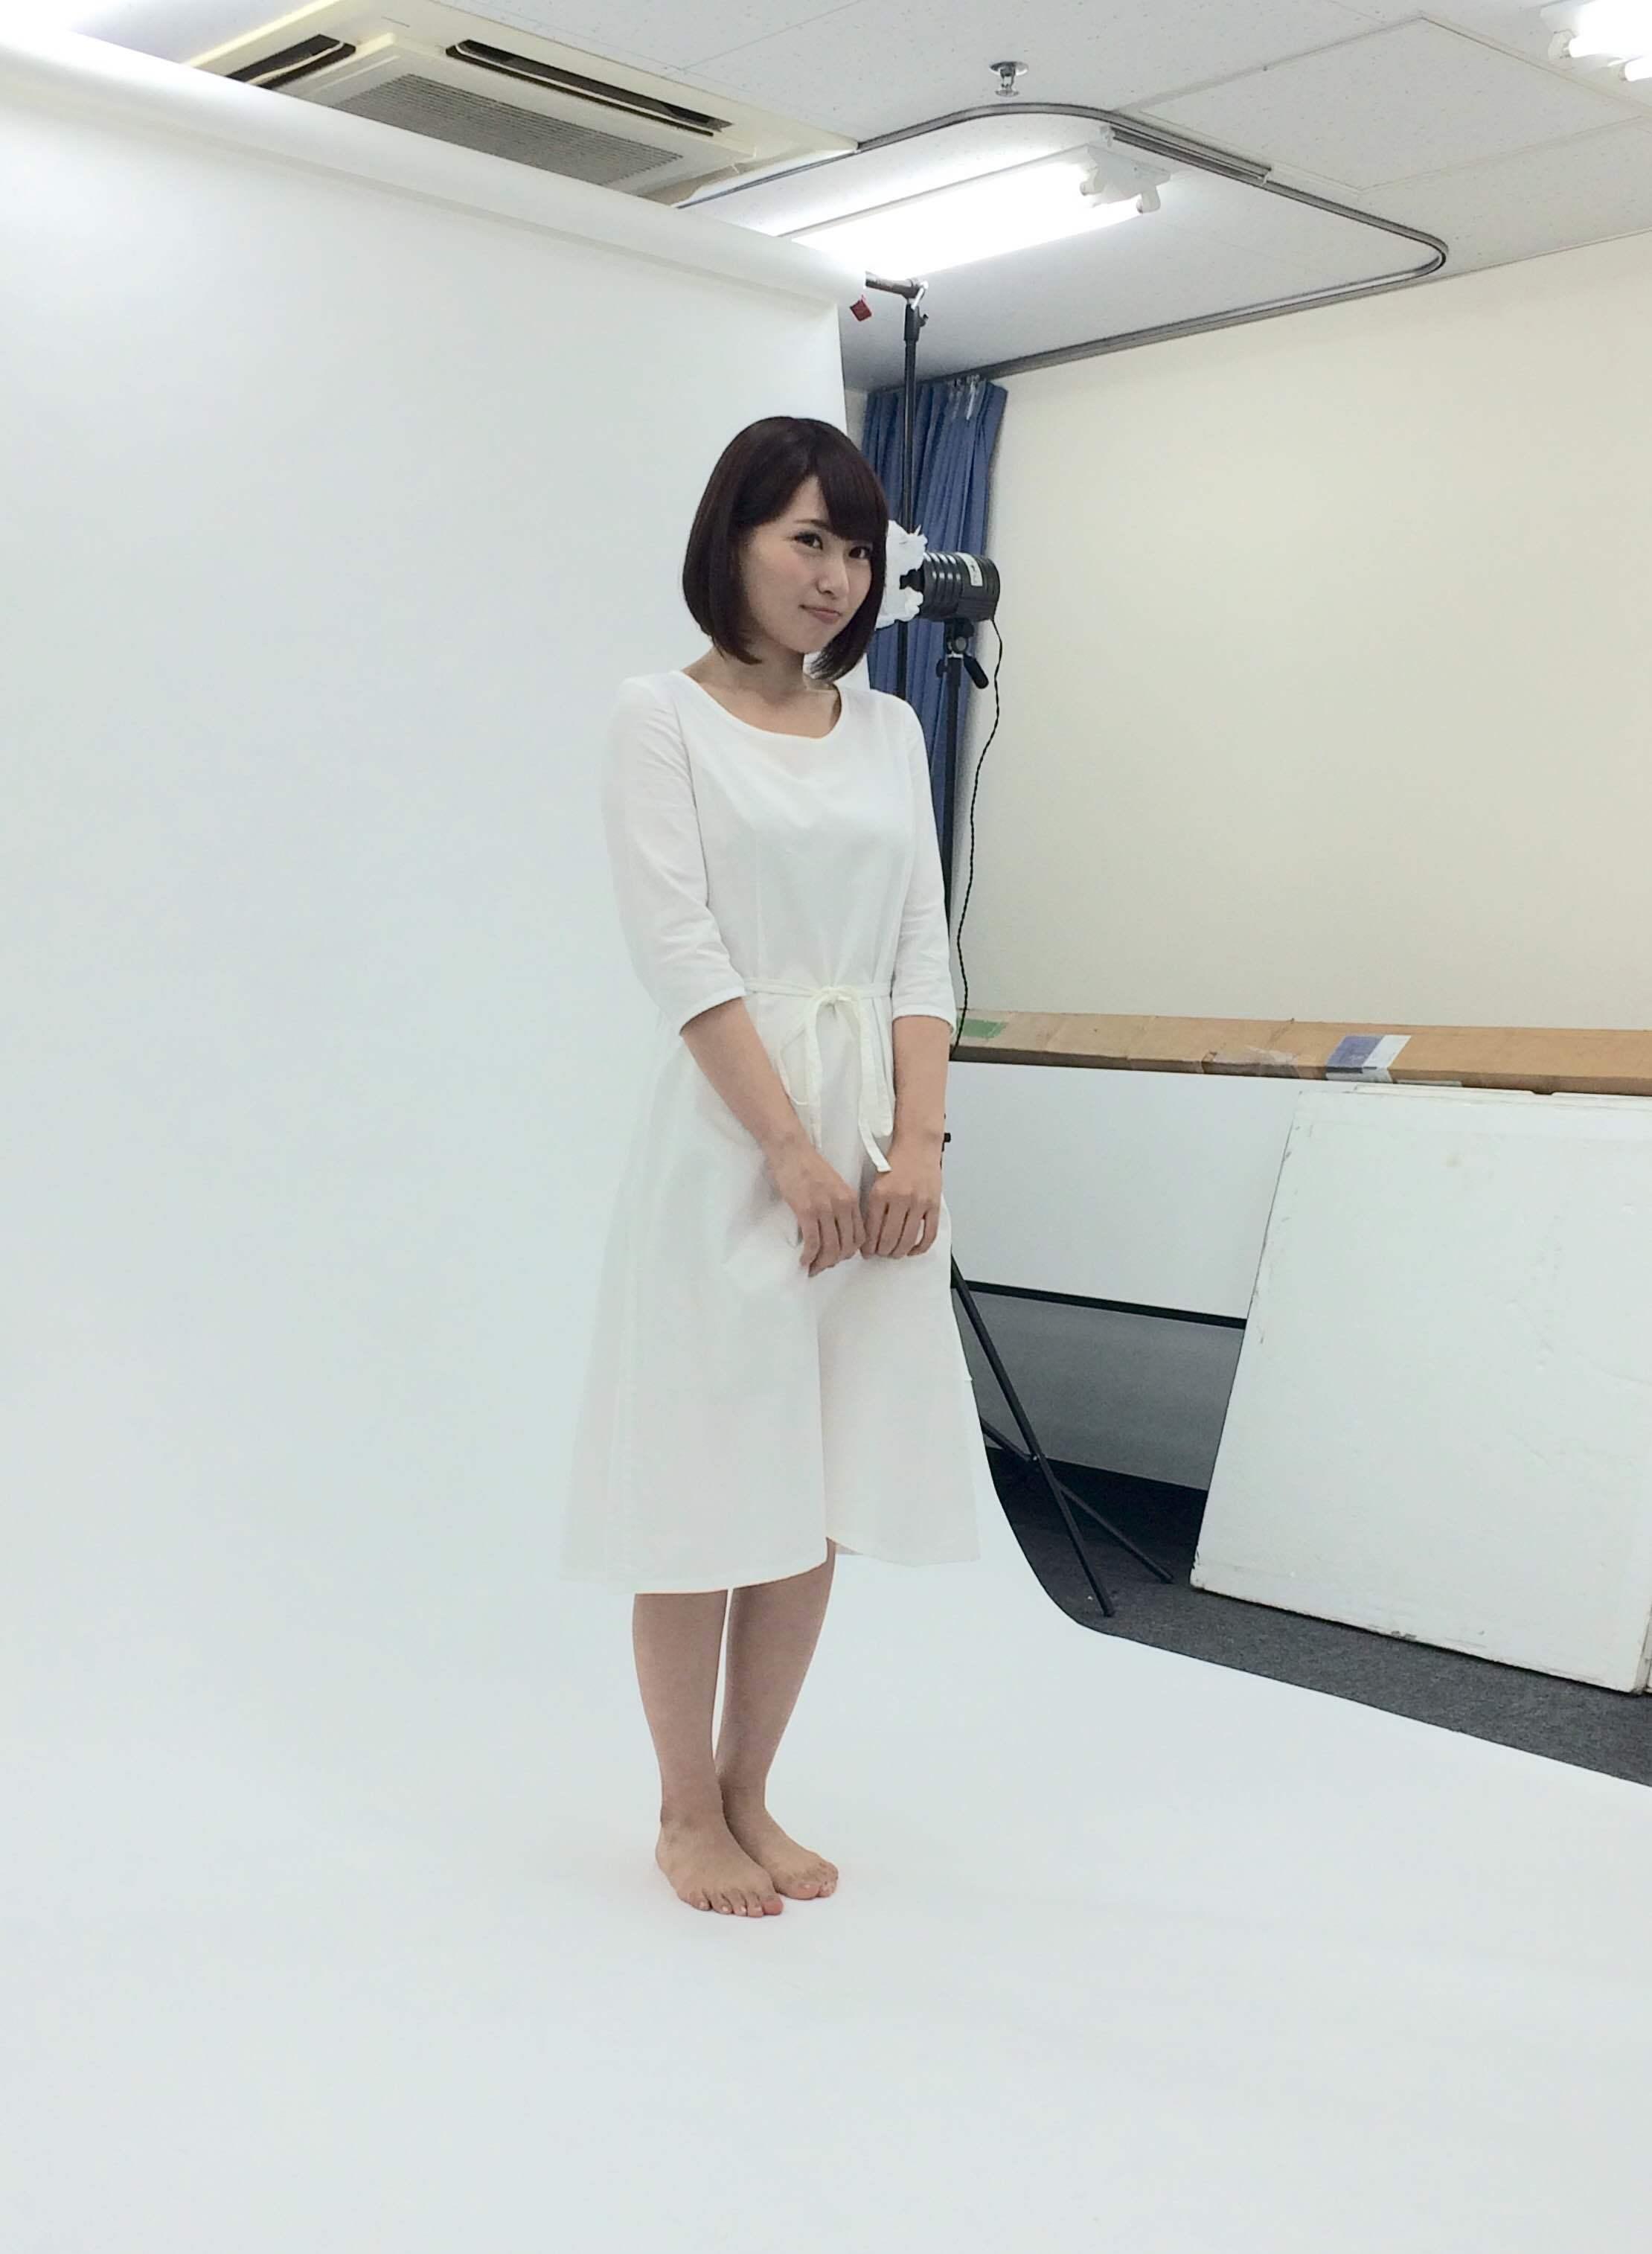 パンフレット撮影風景 増田有華さん_f0236356_10420851.jpg